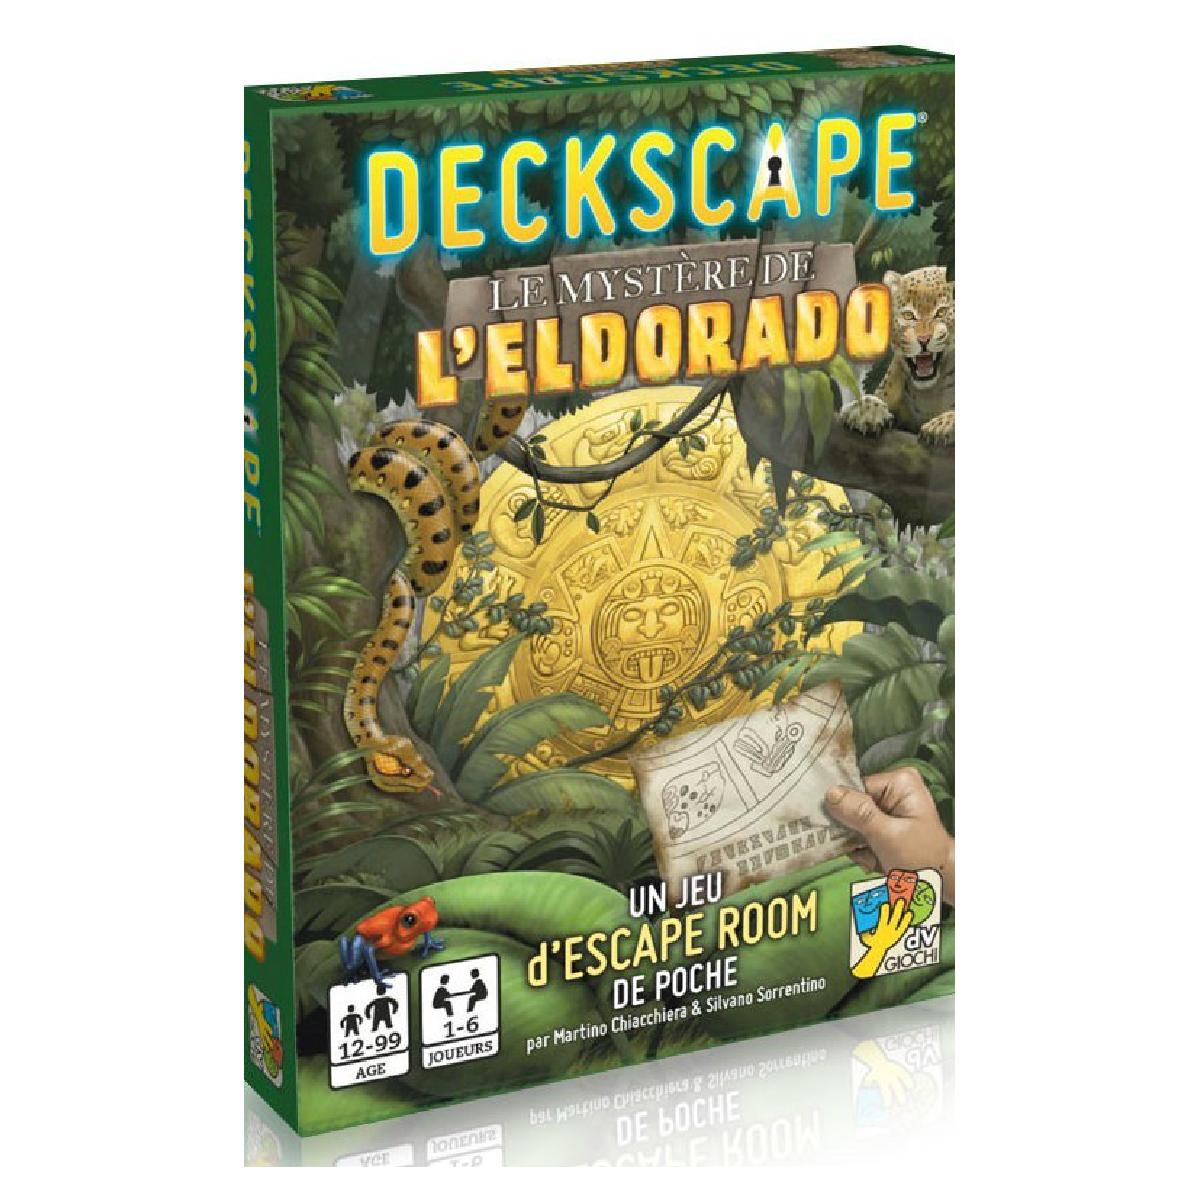 Deckscape - Le Mystère de l'Eldorado | 16,99$ | Location seulement